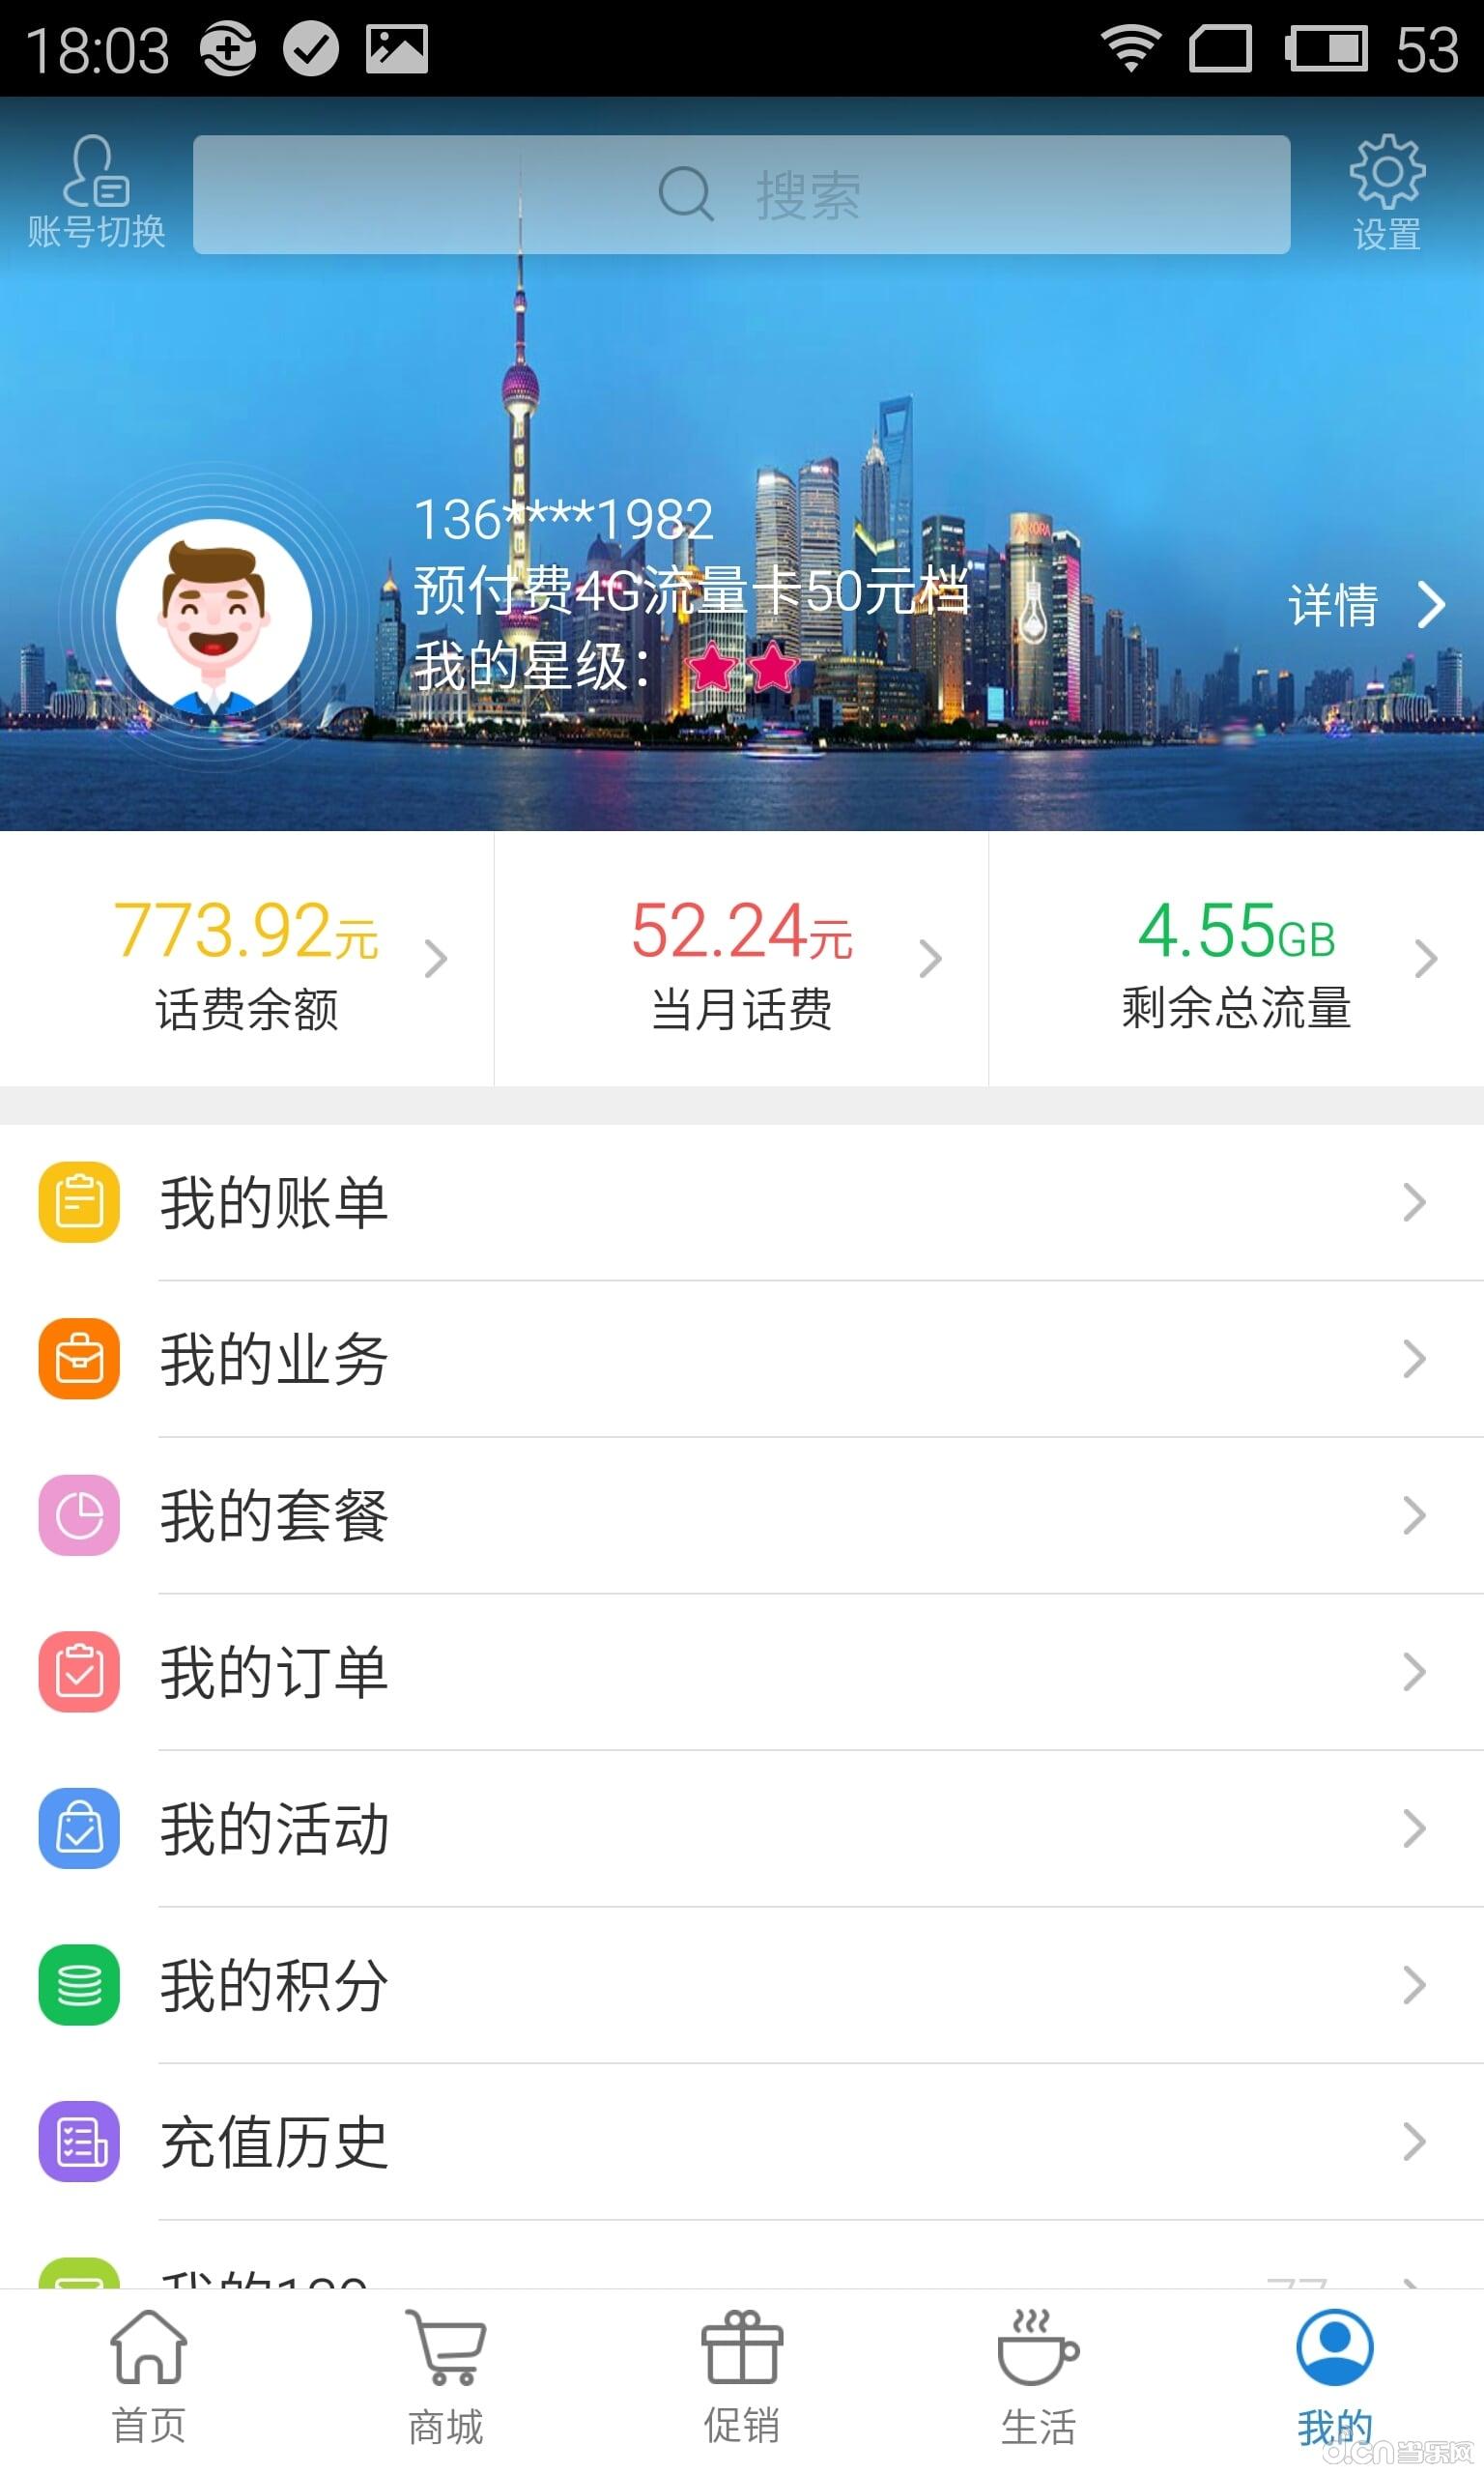 上海移动掌上营业厅